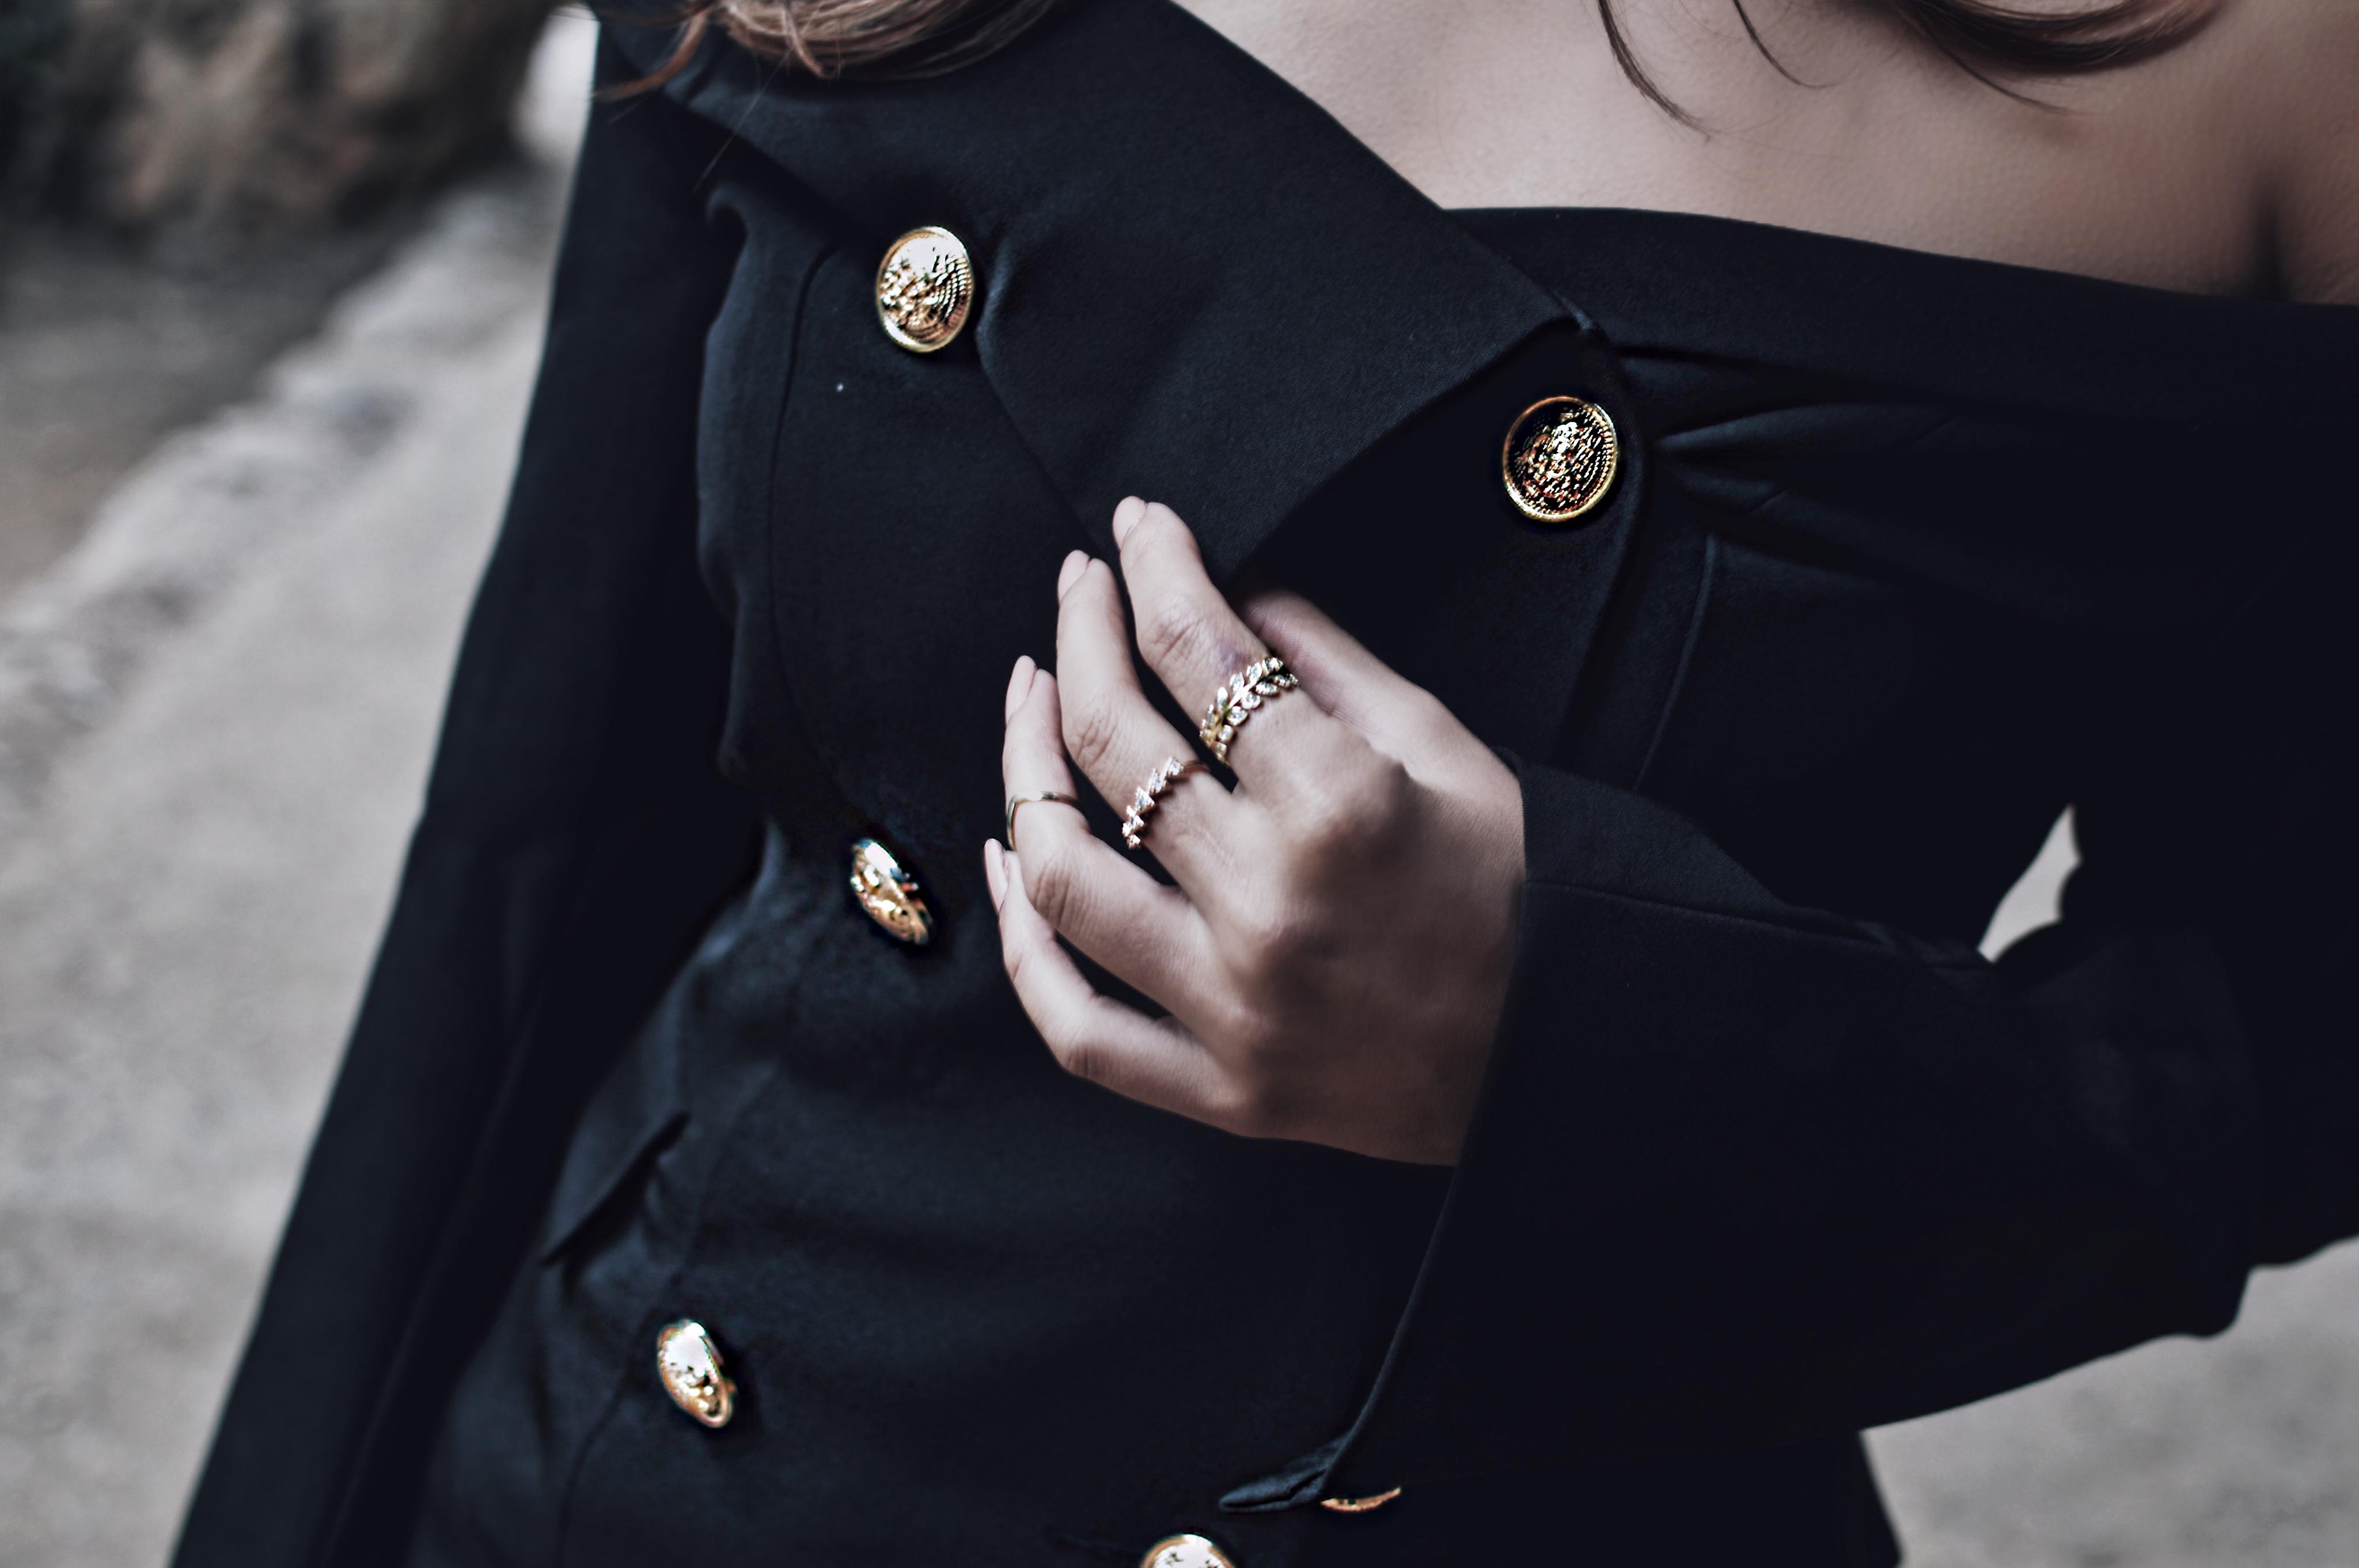 Algunas cosas importantes que aprendí de mi amiga soltera – she in blazer